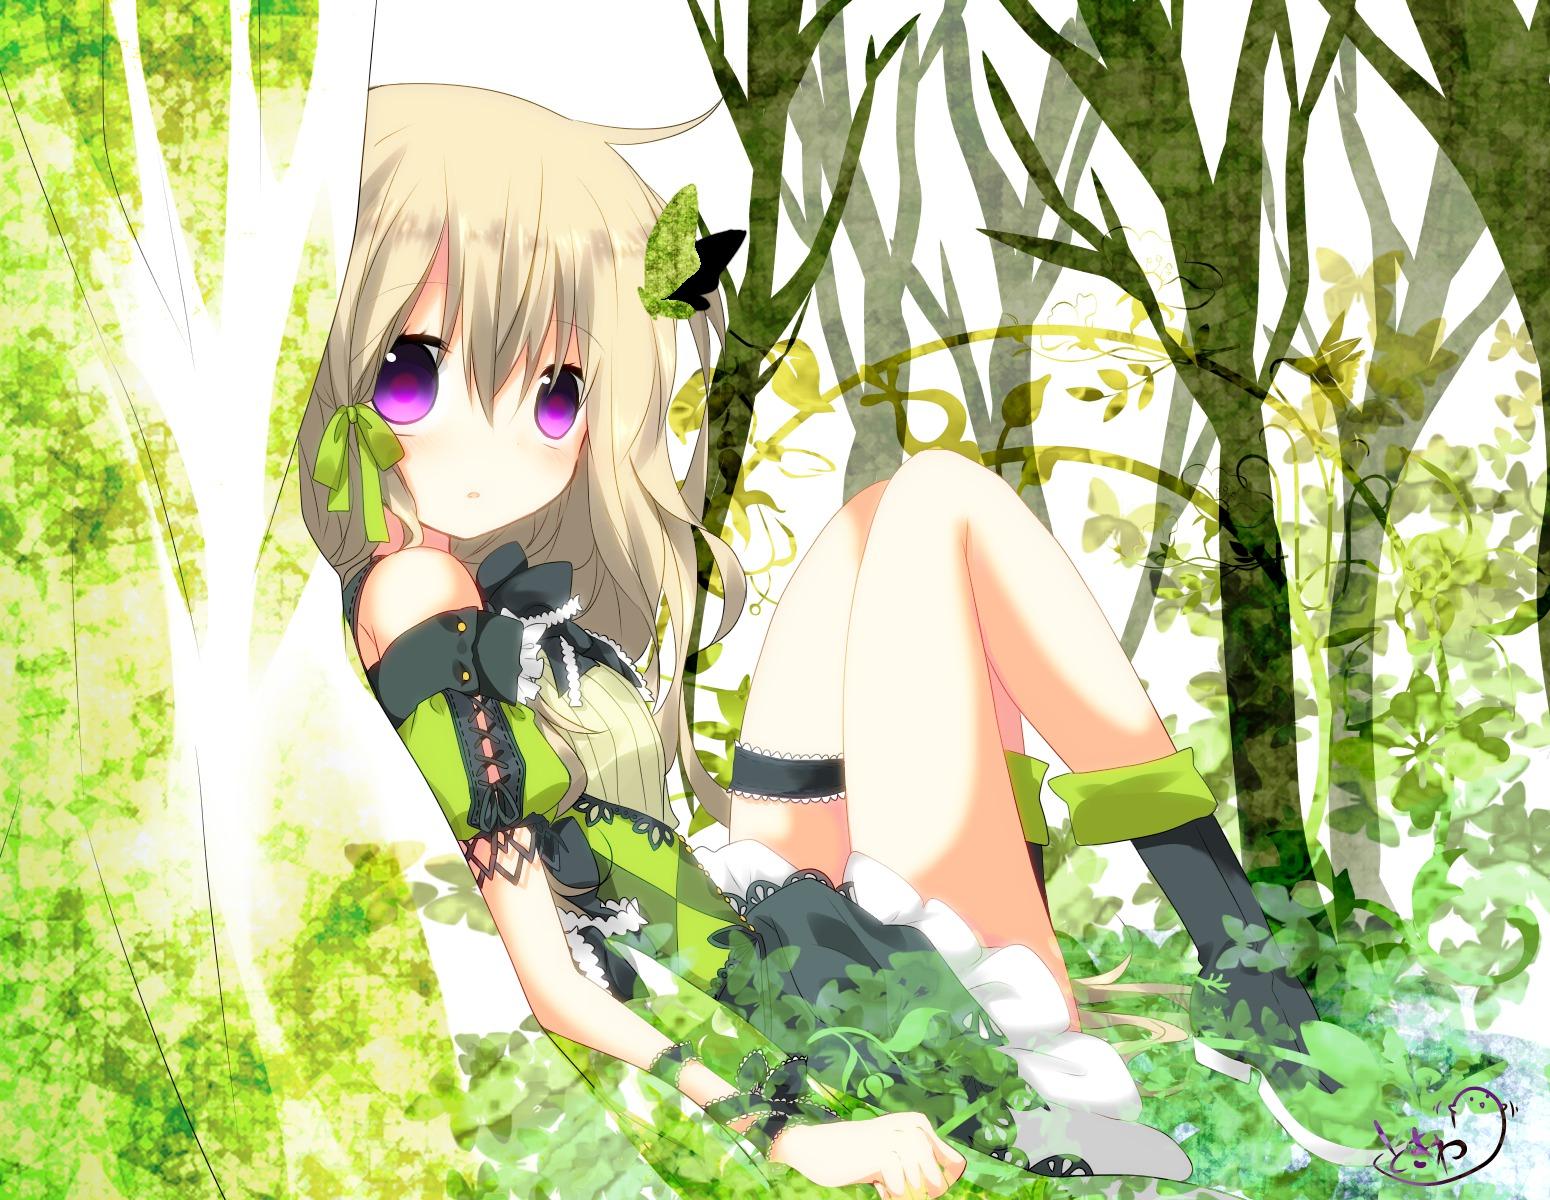 Anime - Unknown  Forest Green Dress Butterfly Blonde Purple Eyes Wallpaper